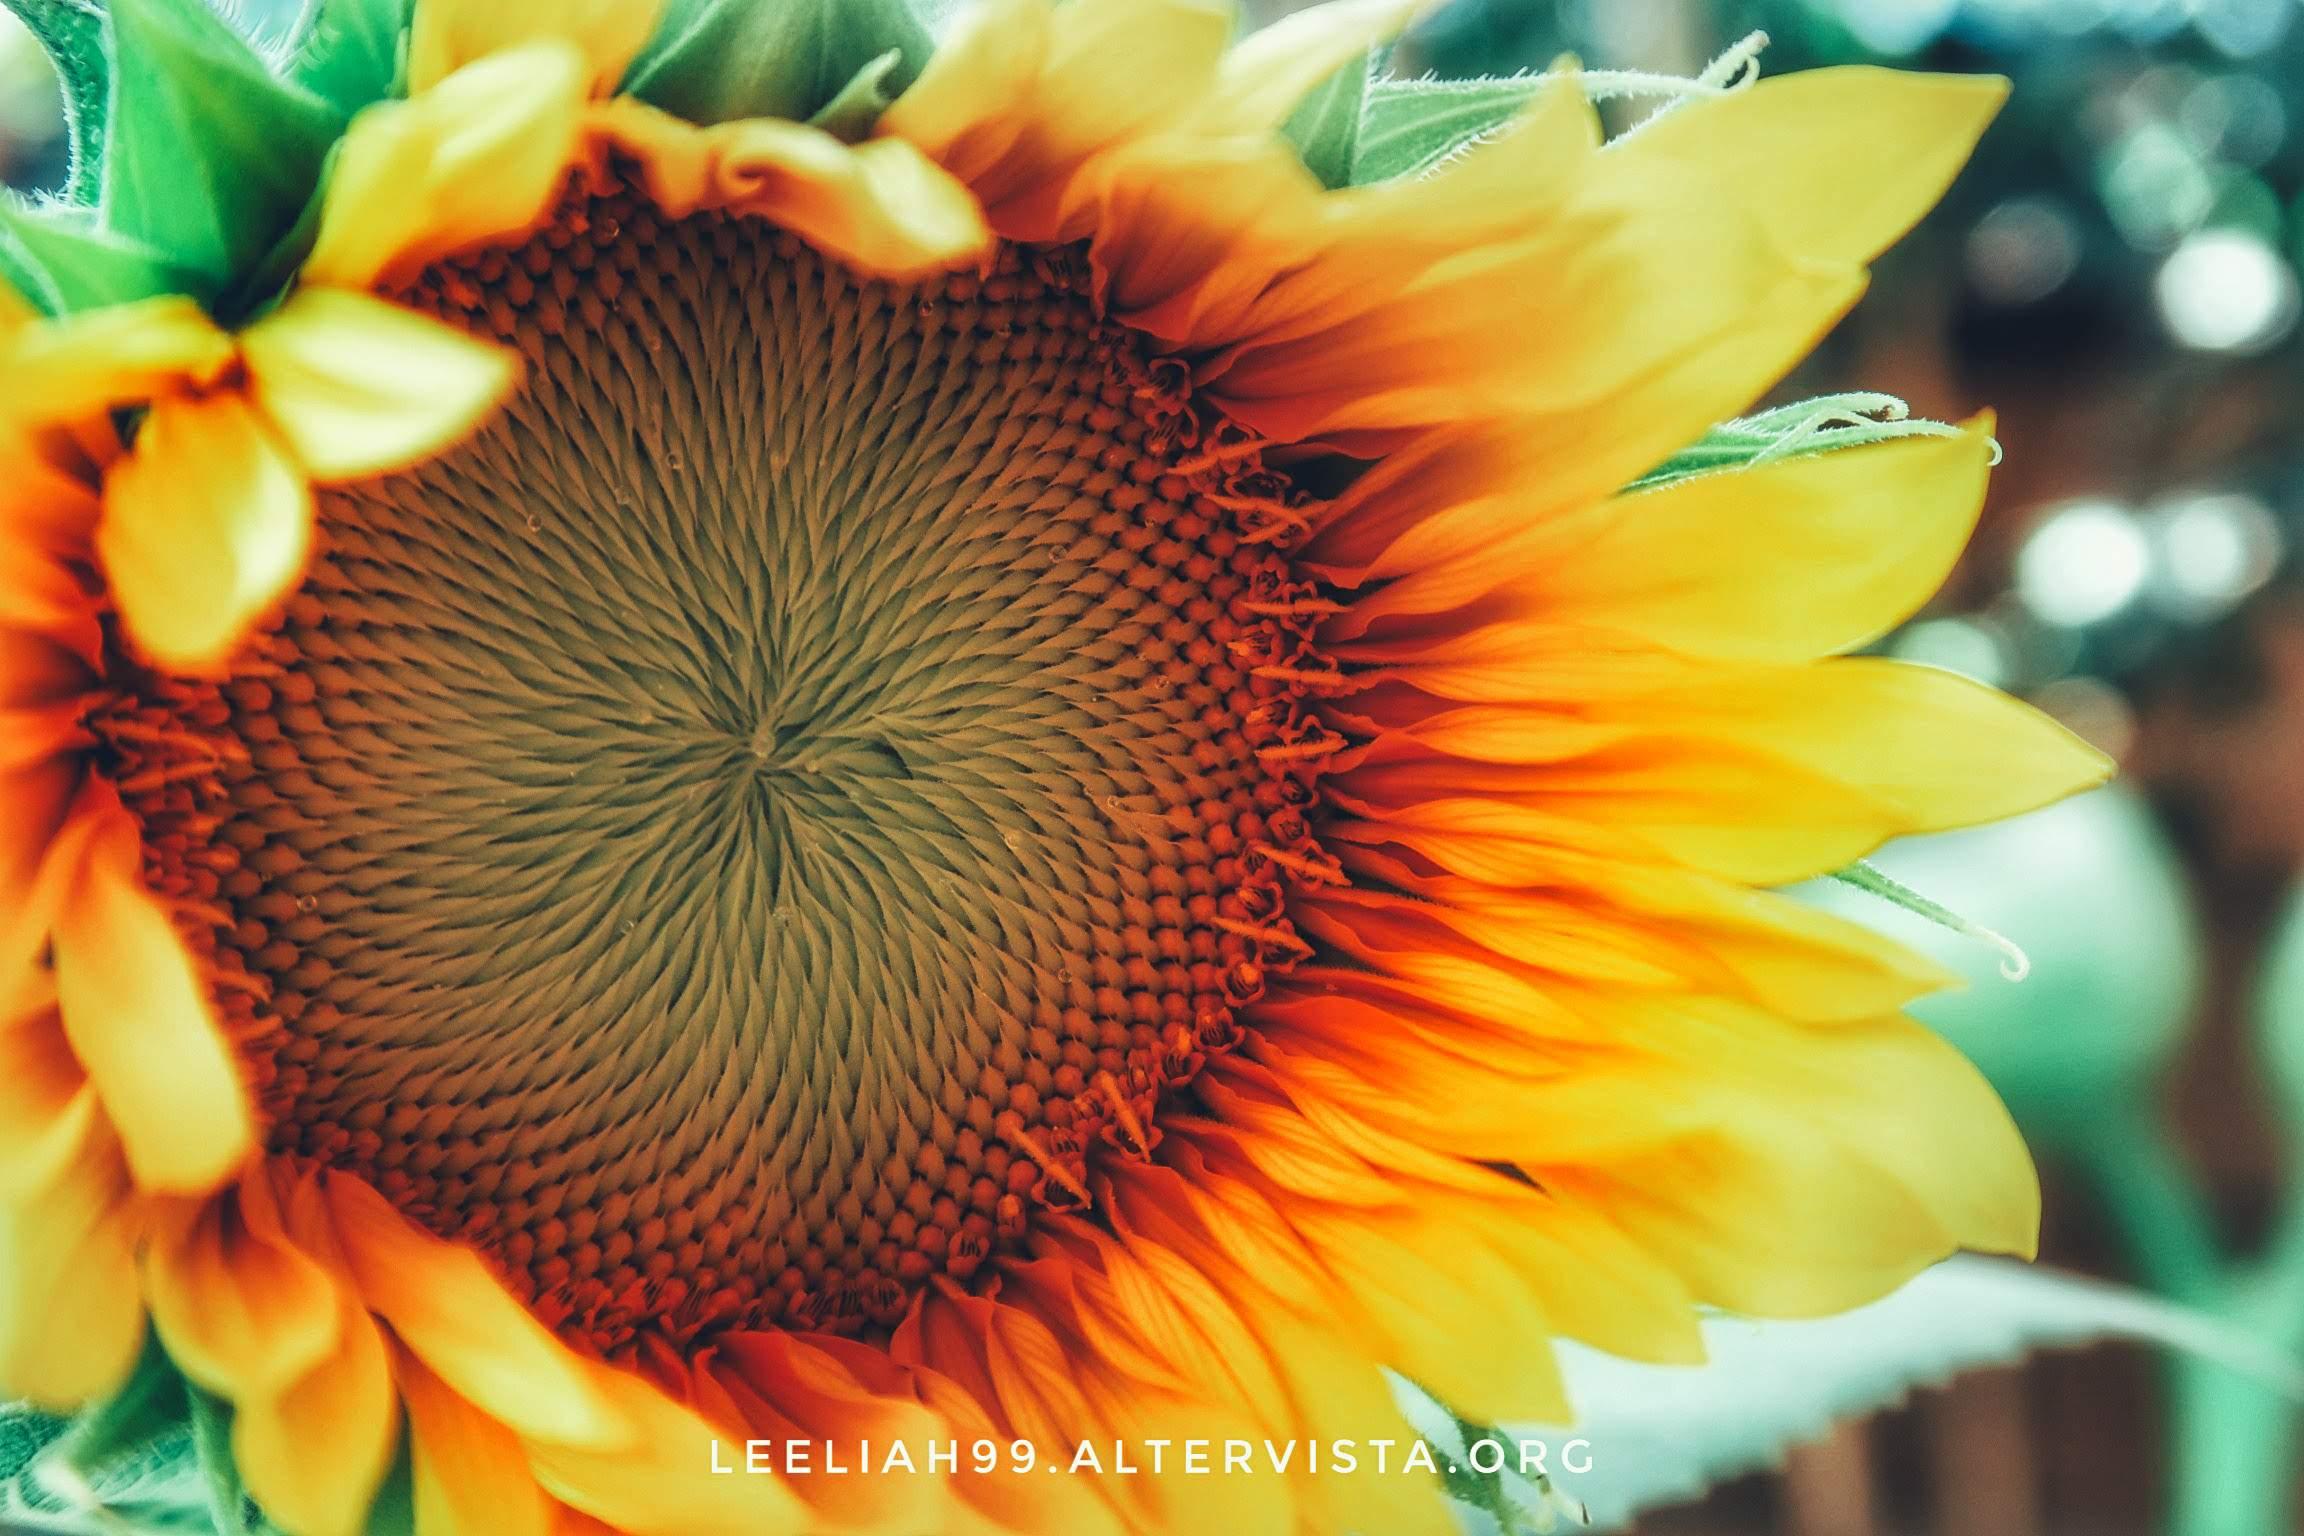 Girasole a sorpresa sul terrazzo © leeliah99.altervista.org